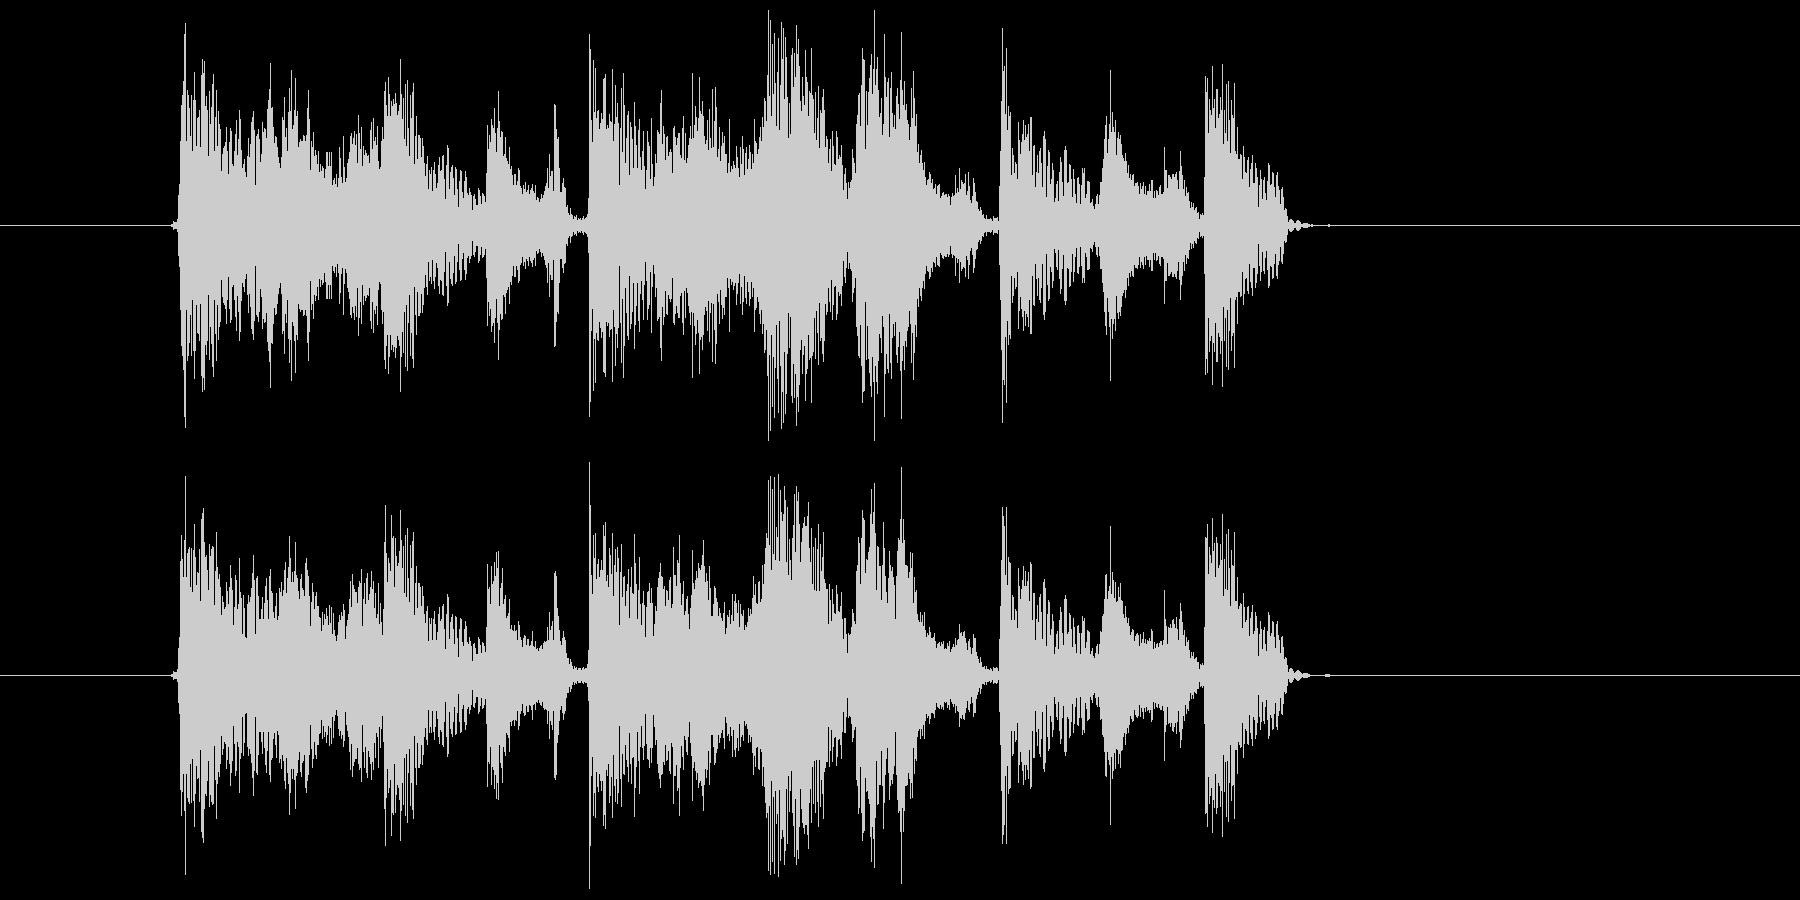 シュビドゥパパ(コミカル、ボイス音)の未再生の波形